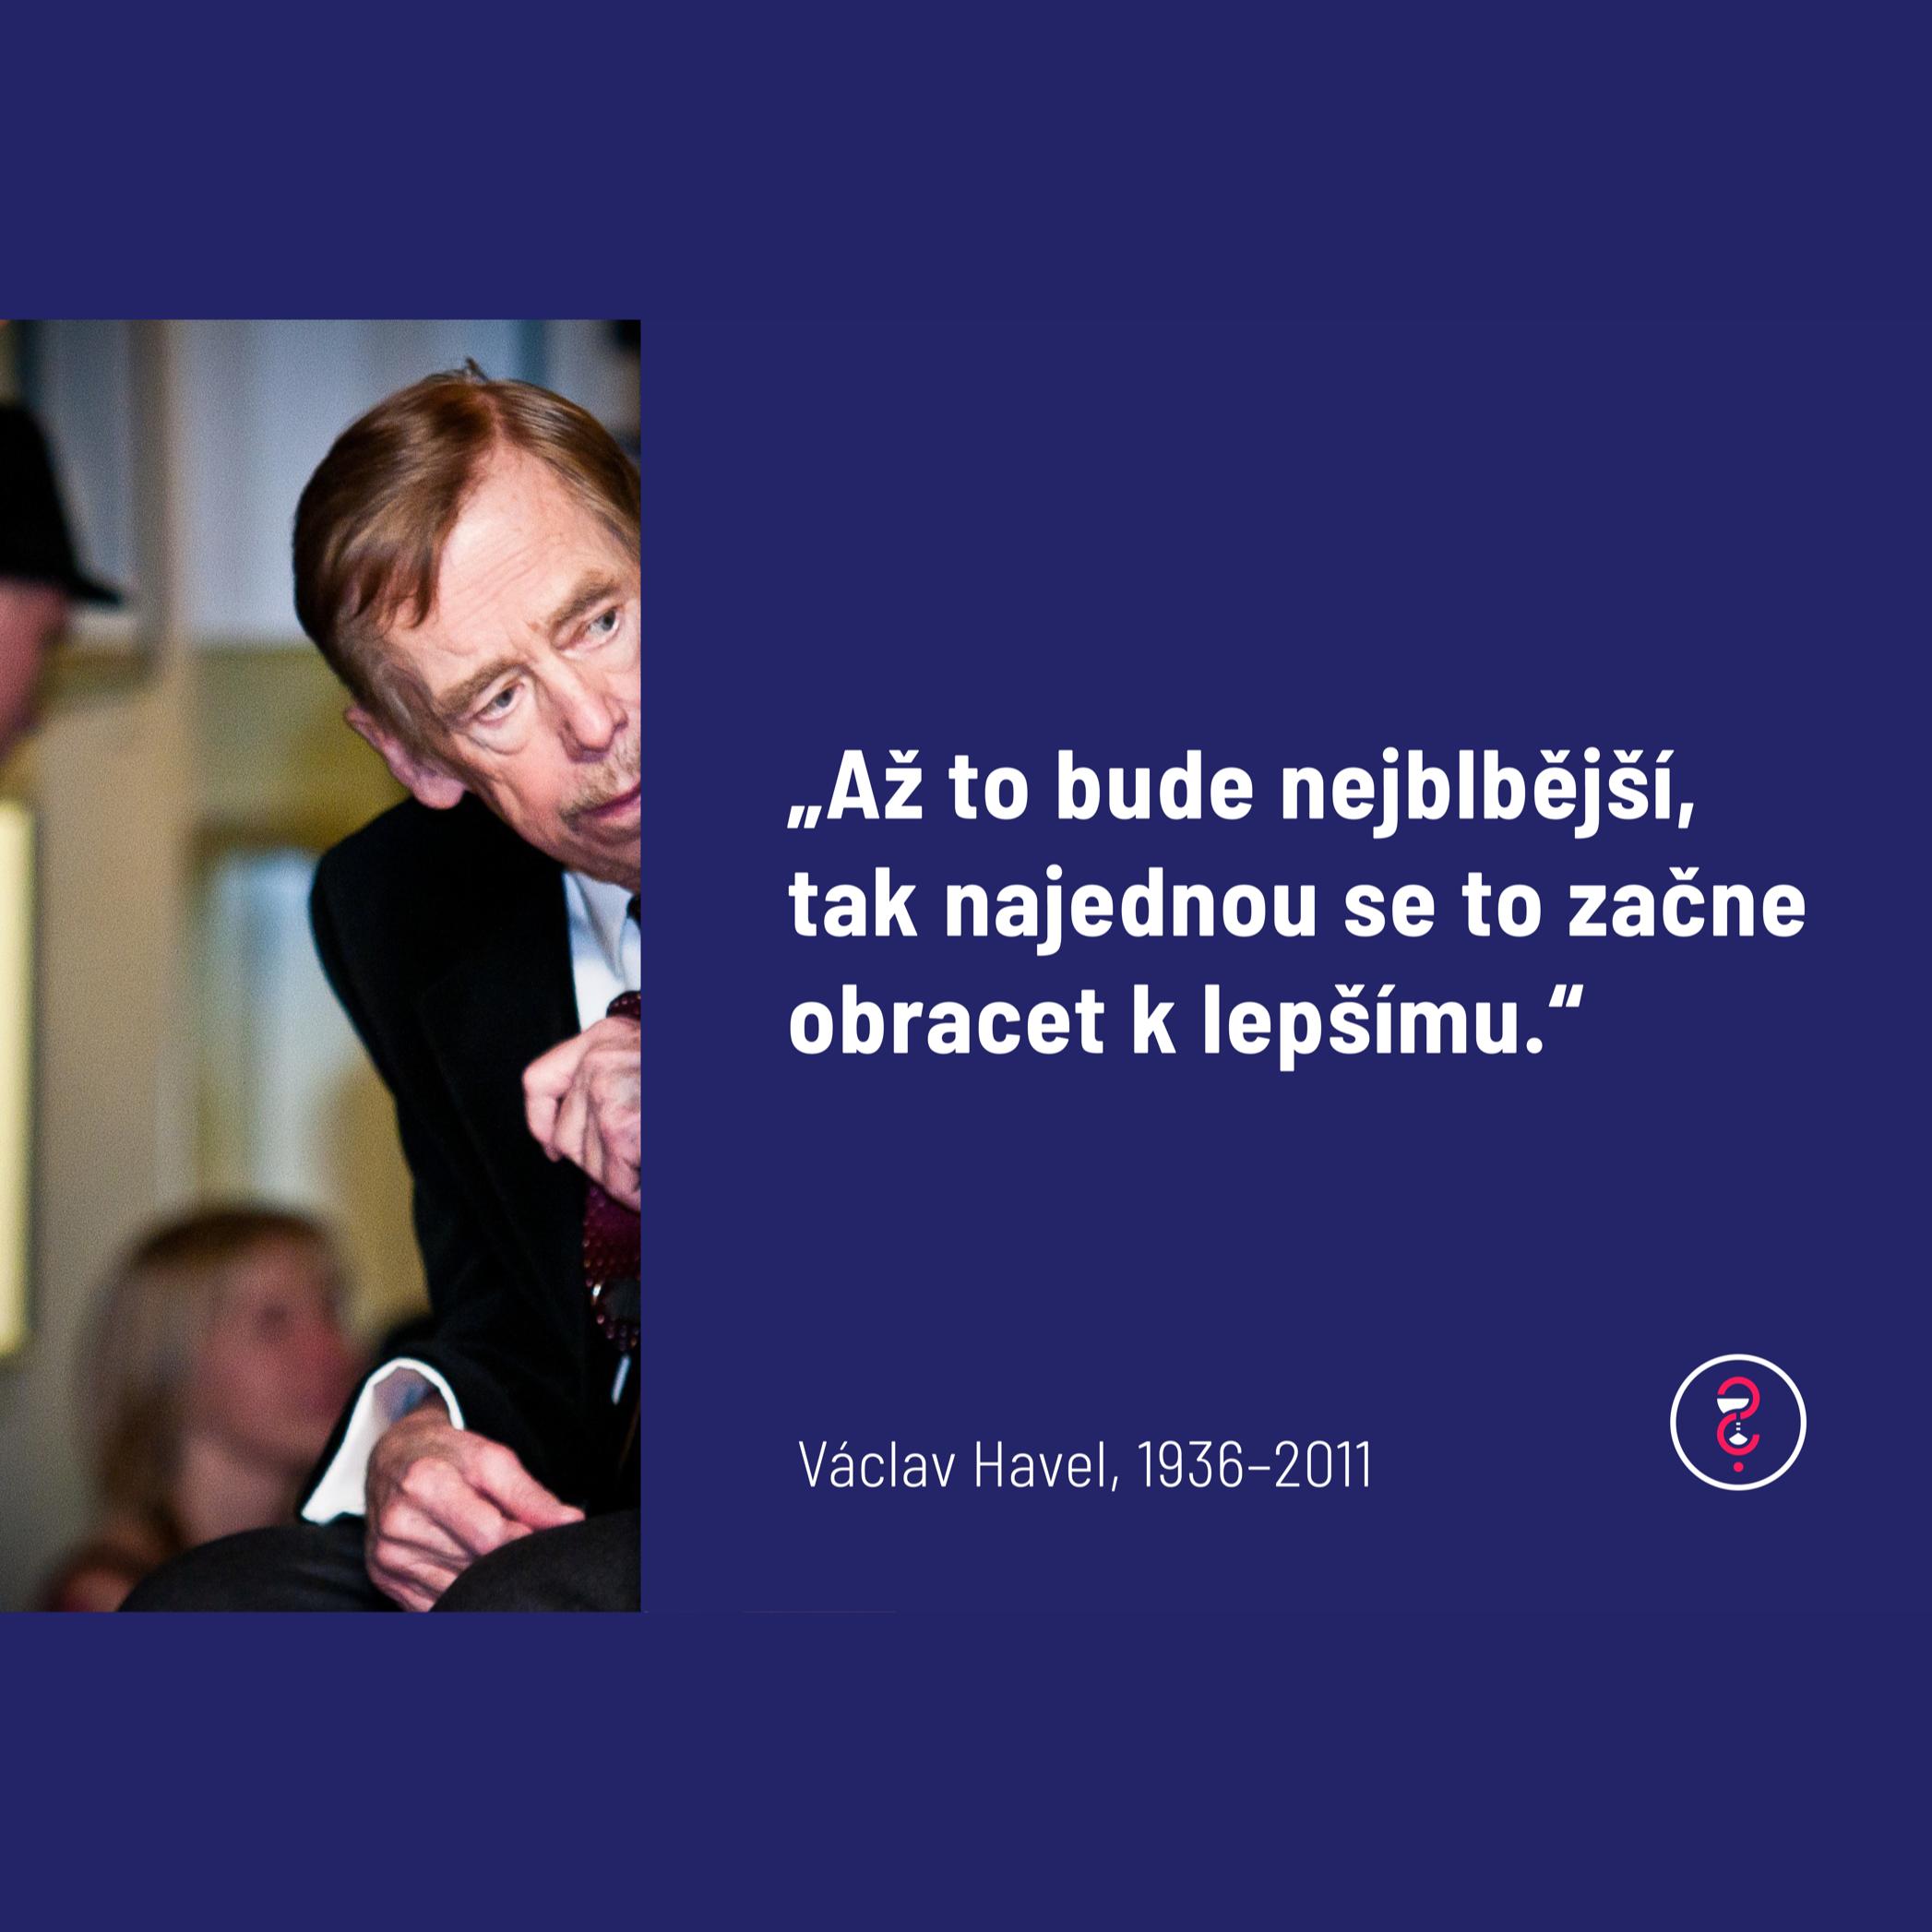 Připomínáme si Václava Havla